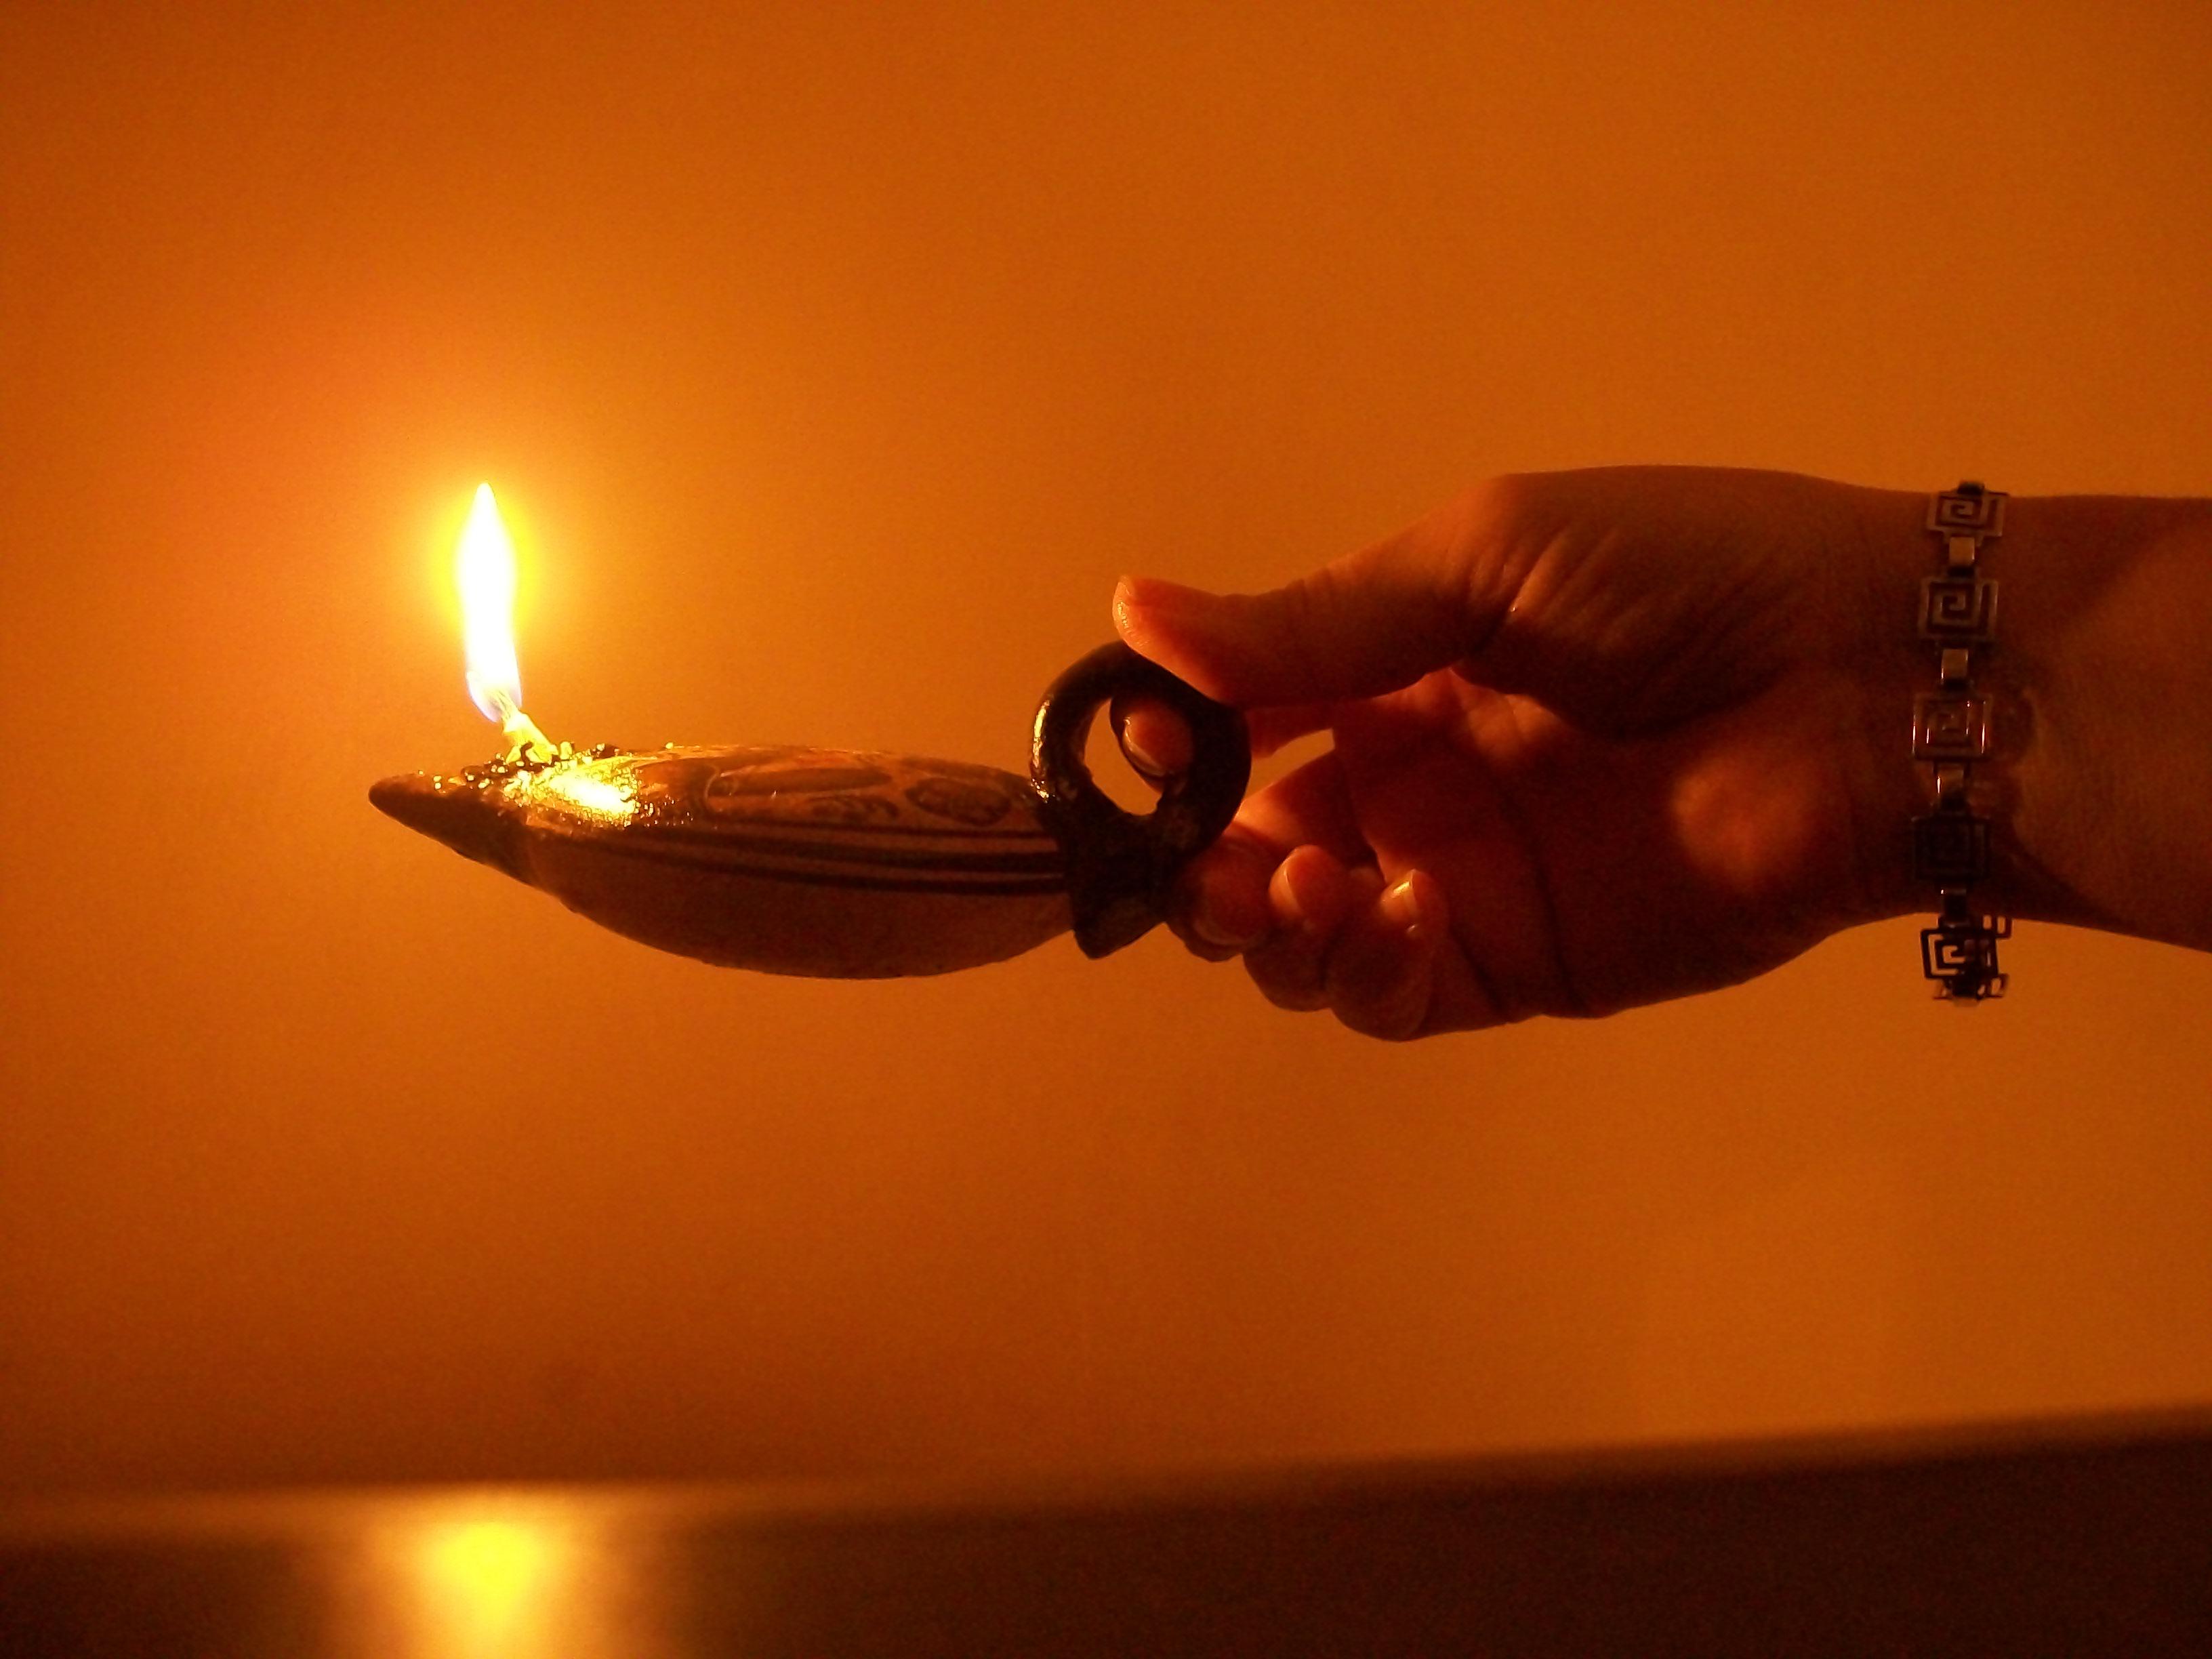 Luz  Lmparas  Palabras con Miel